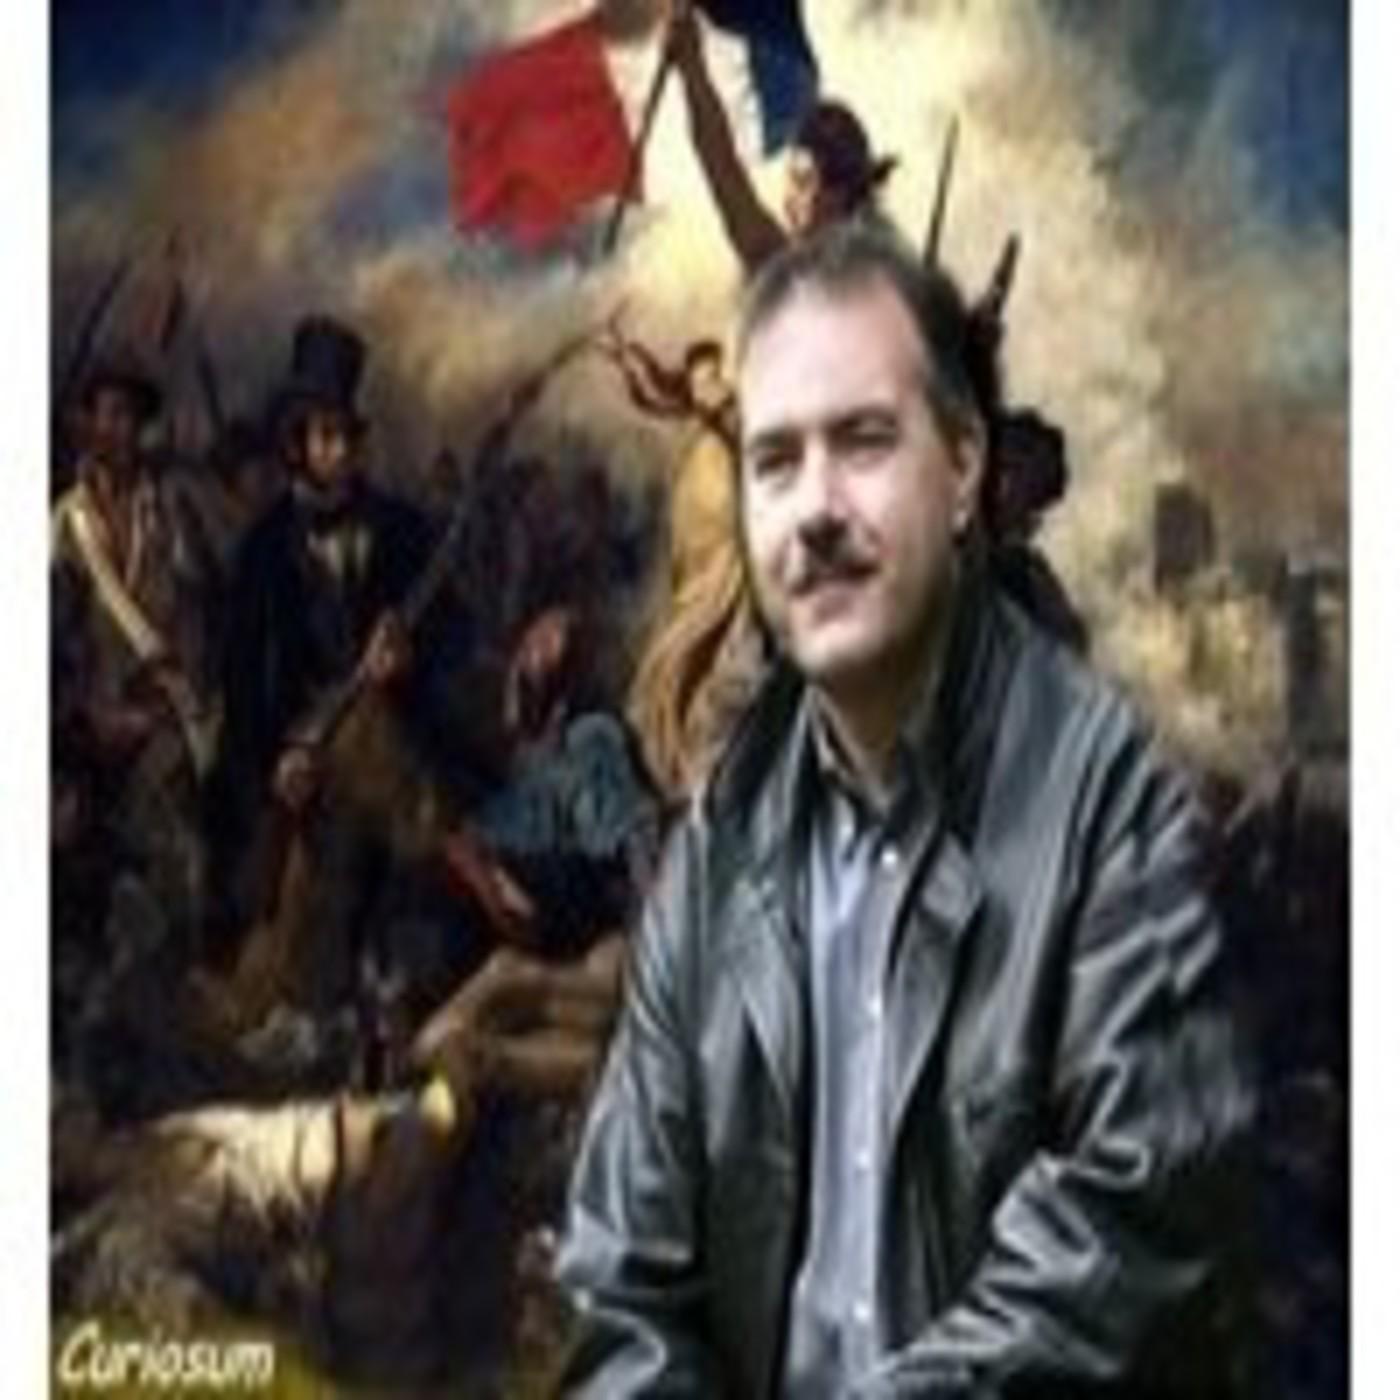 Pasajes de la historia. Napoleón Bonaparte contra el Duque de Wellington.